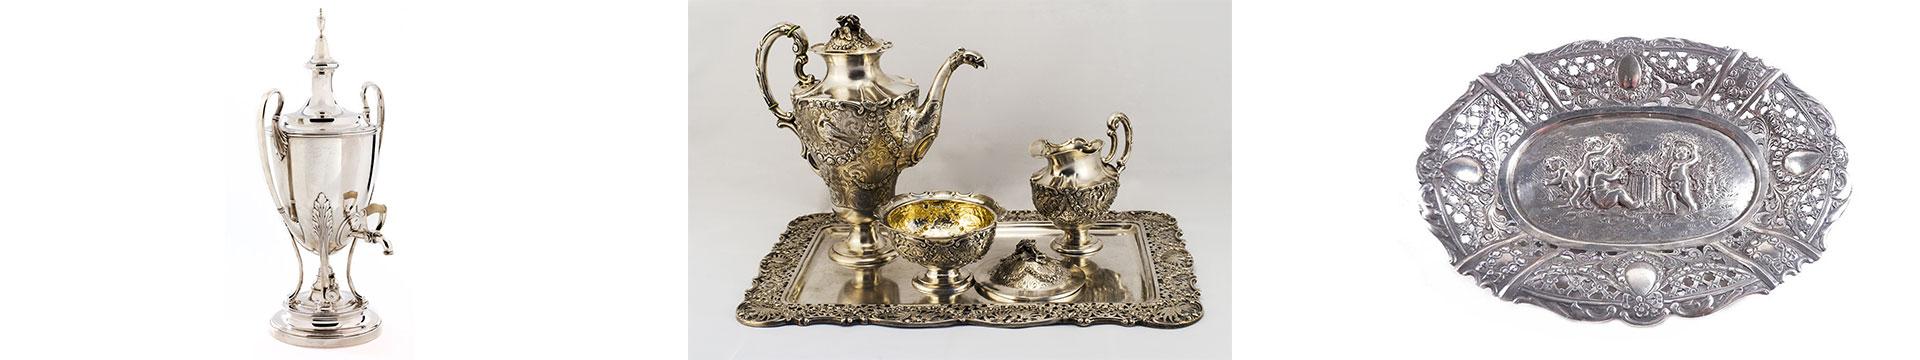 verschiedenes Geschirr aus Silber